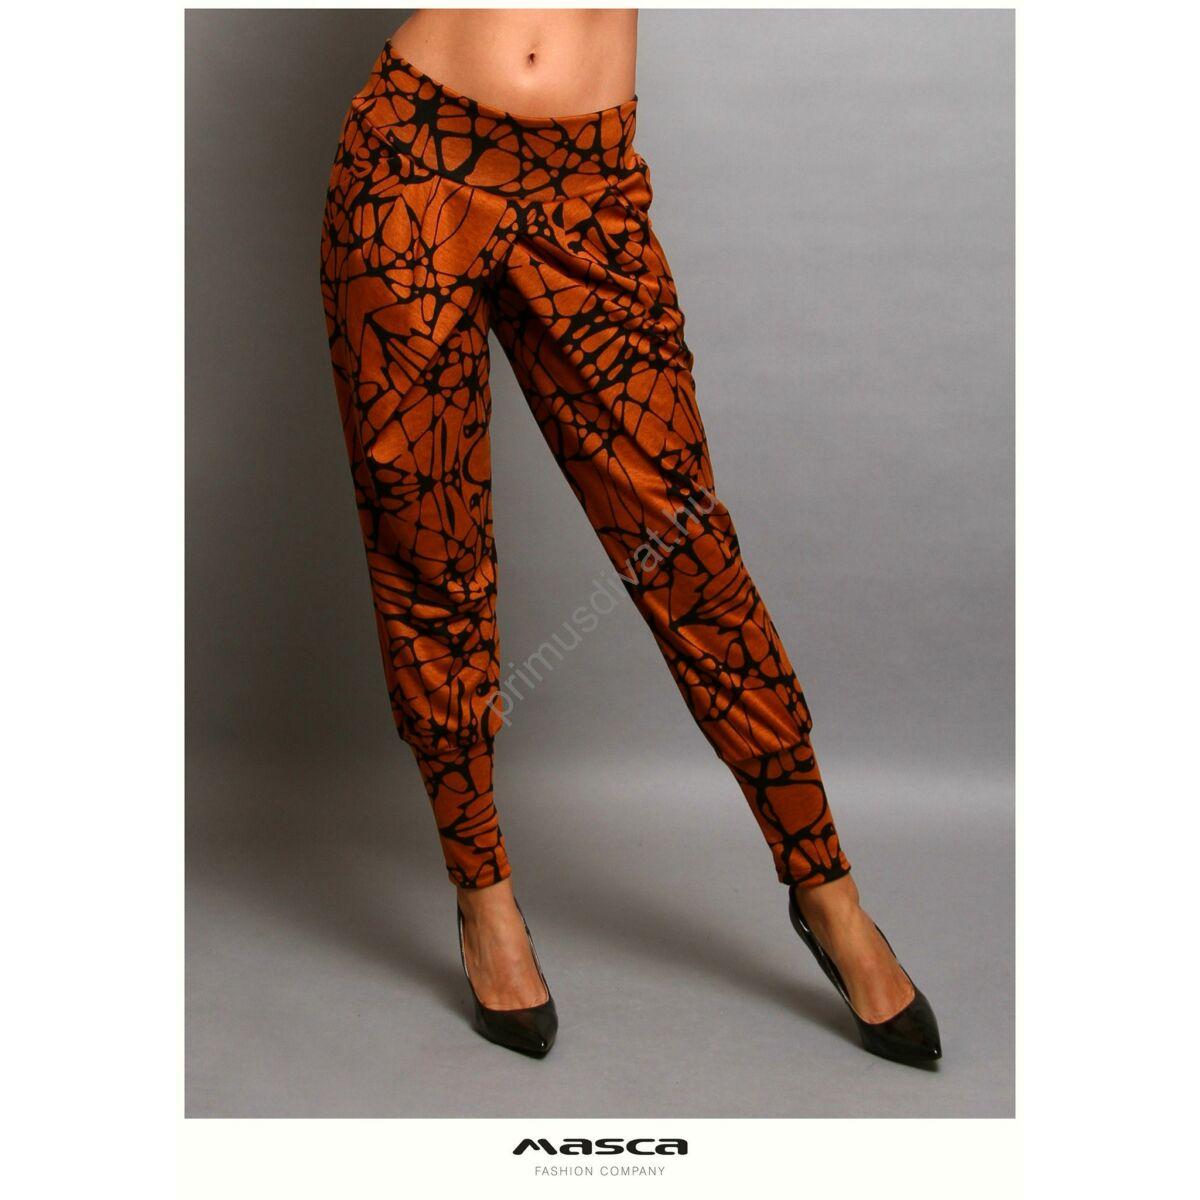 Masca Fashion átlapolt szabású lezser, vékony kötött fekete mintás őzbarna zsebes nadrág, széles passzékkal